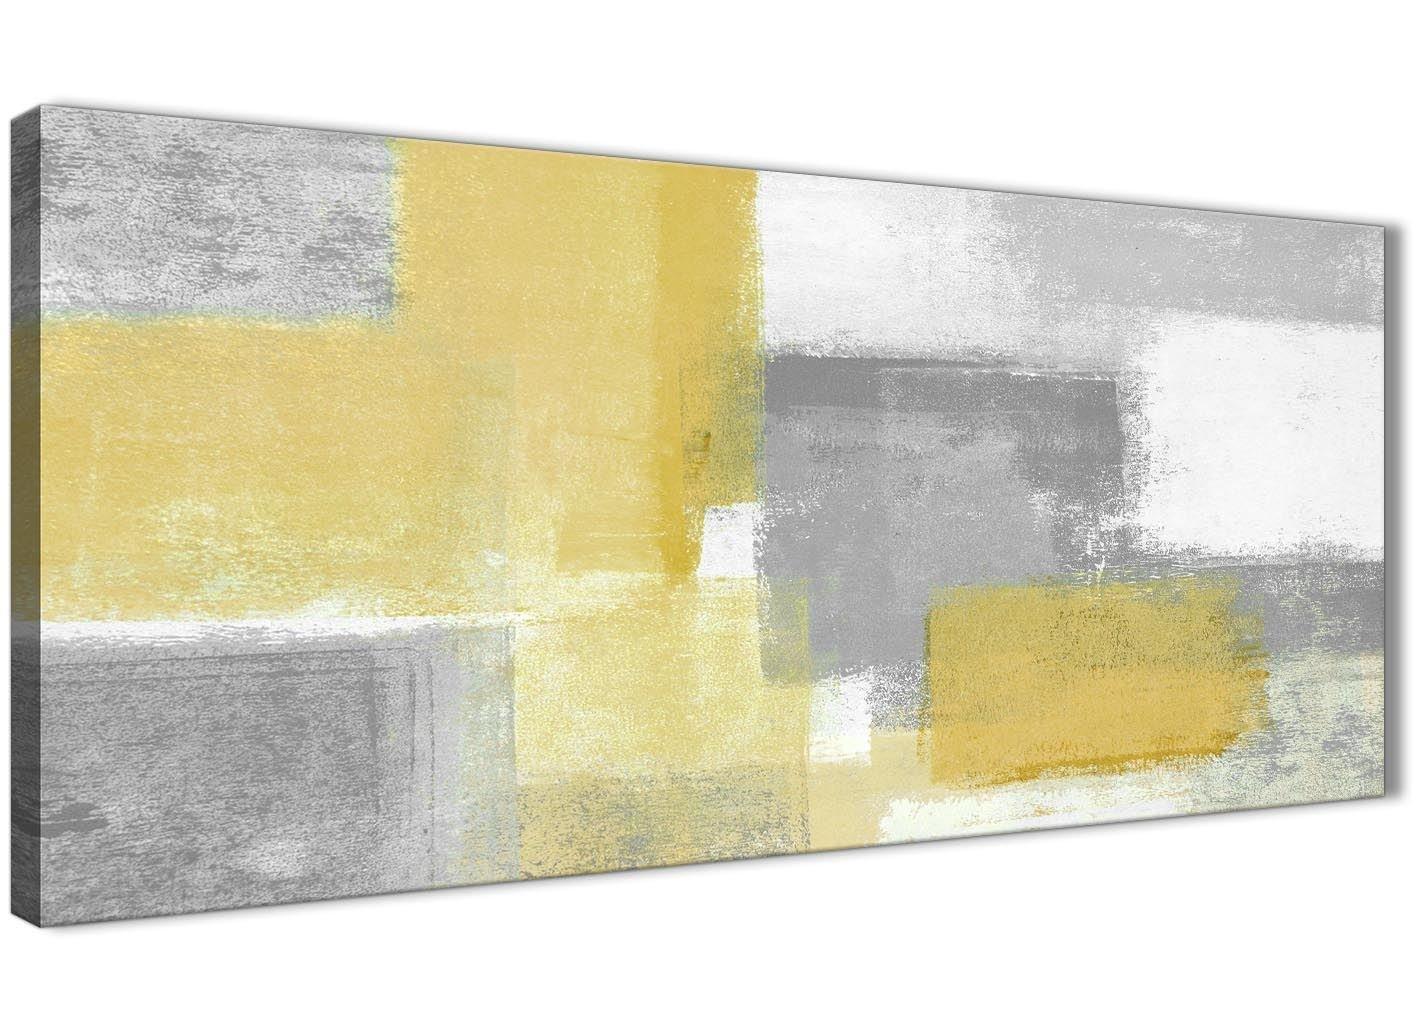 Senf Gelb Grau Wohnzimmer Leinwand Bilder Zubehör–Abstrakt 1367–120cm Print Wallfillers